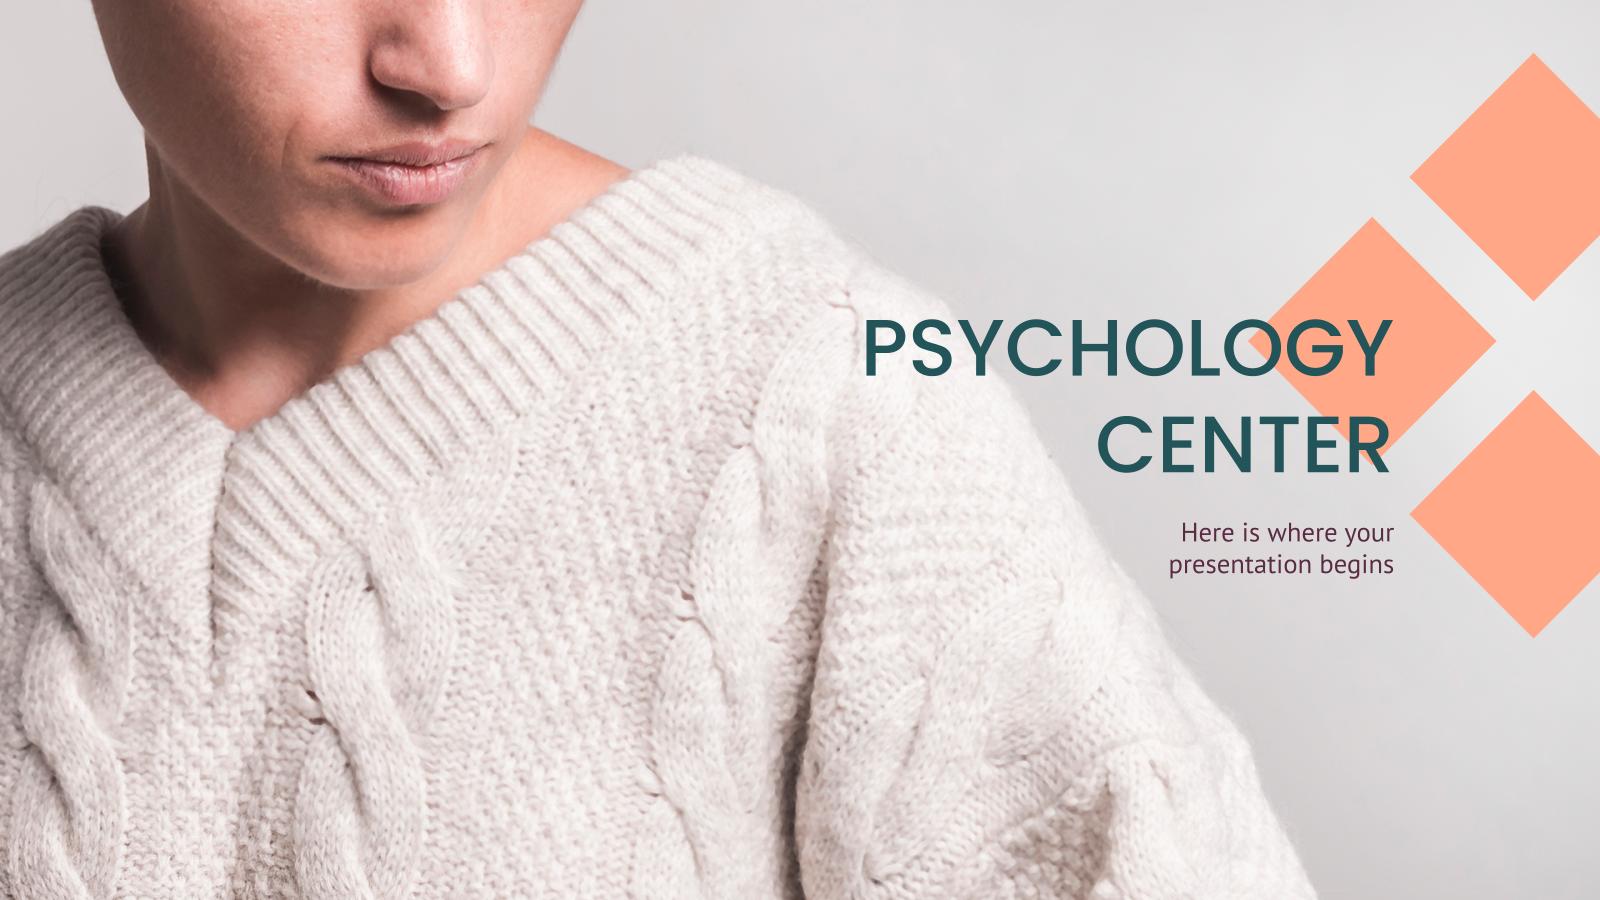 Psychology Center presentation template